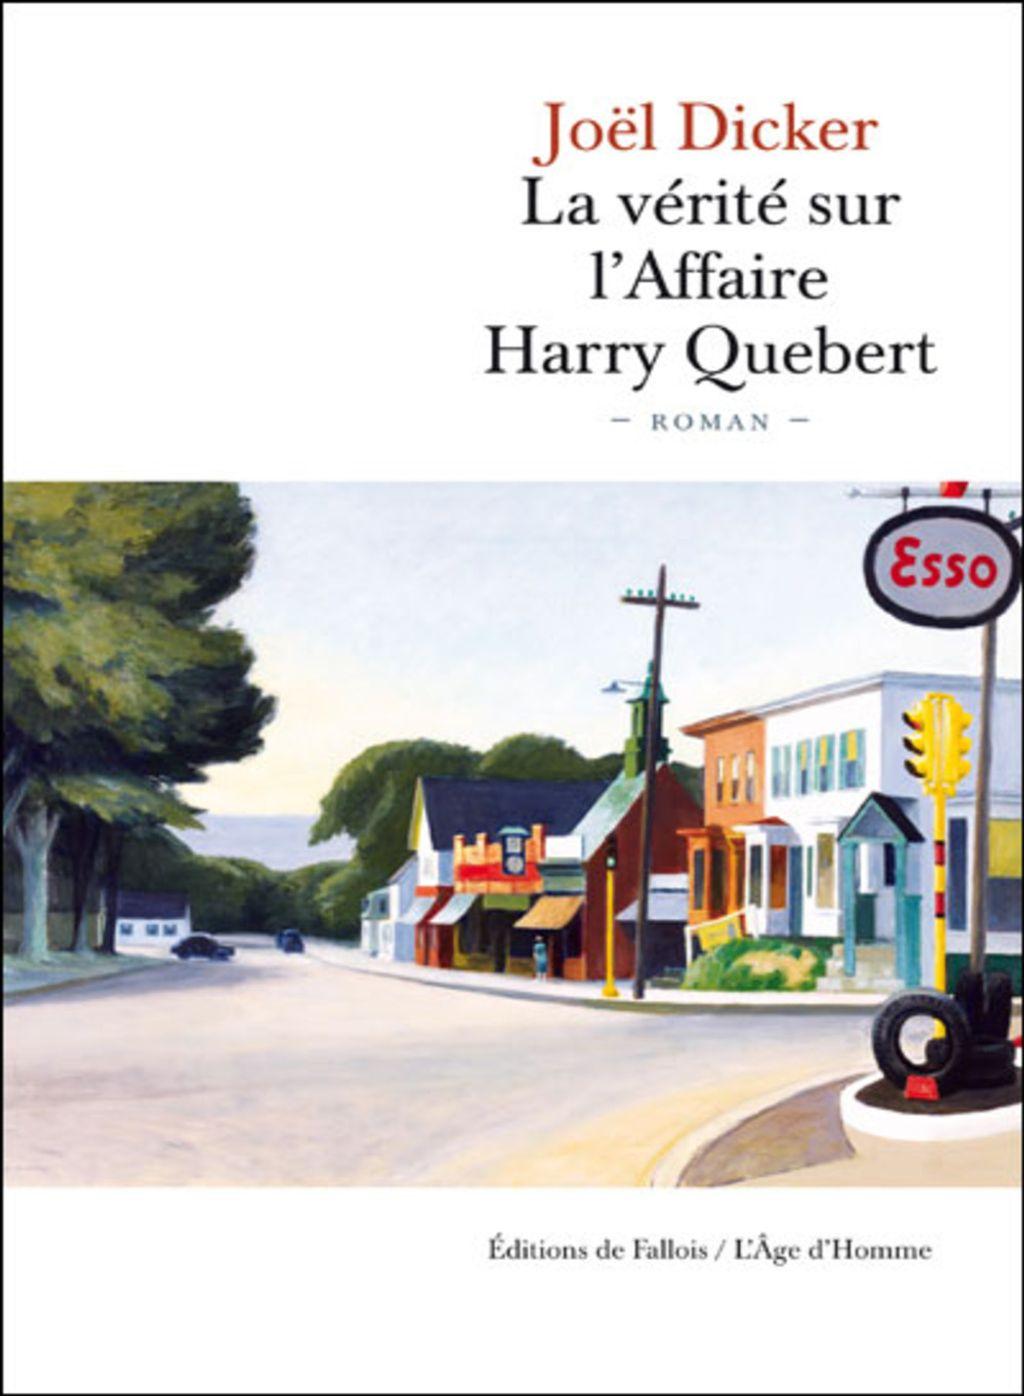 Le livre du jour : La vérité sur l'affaire Harry Québert, de Joël Dicker